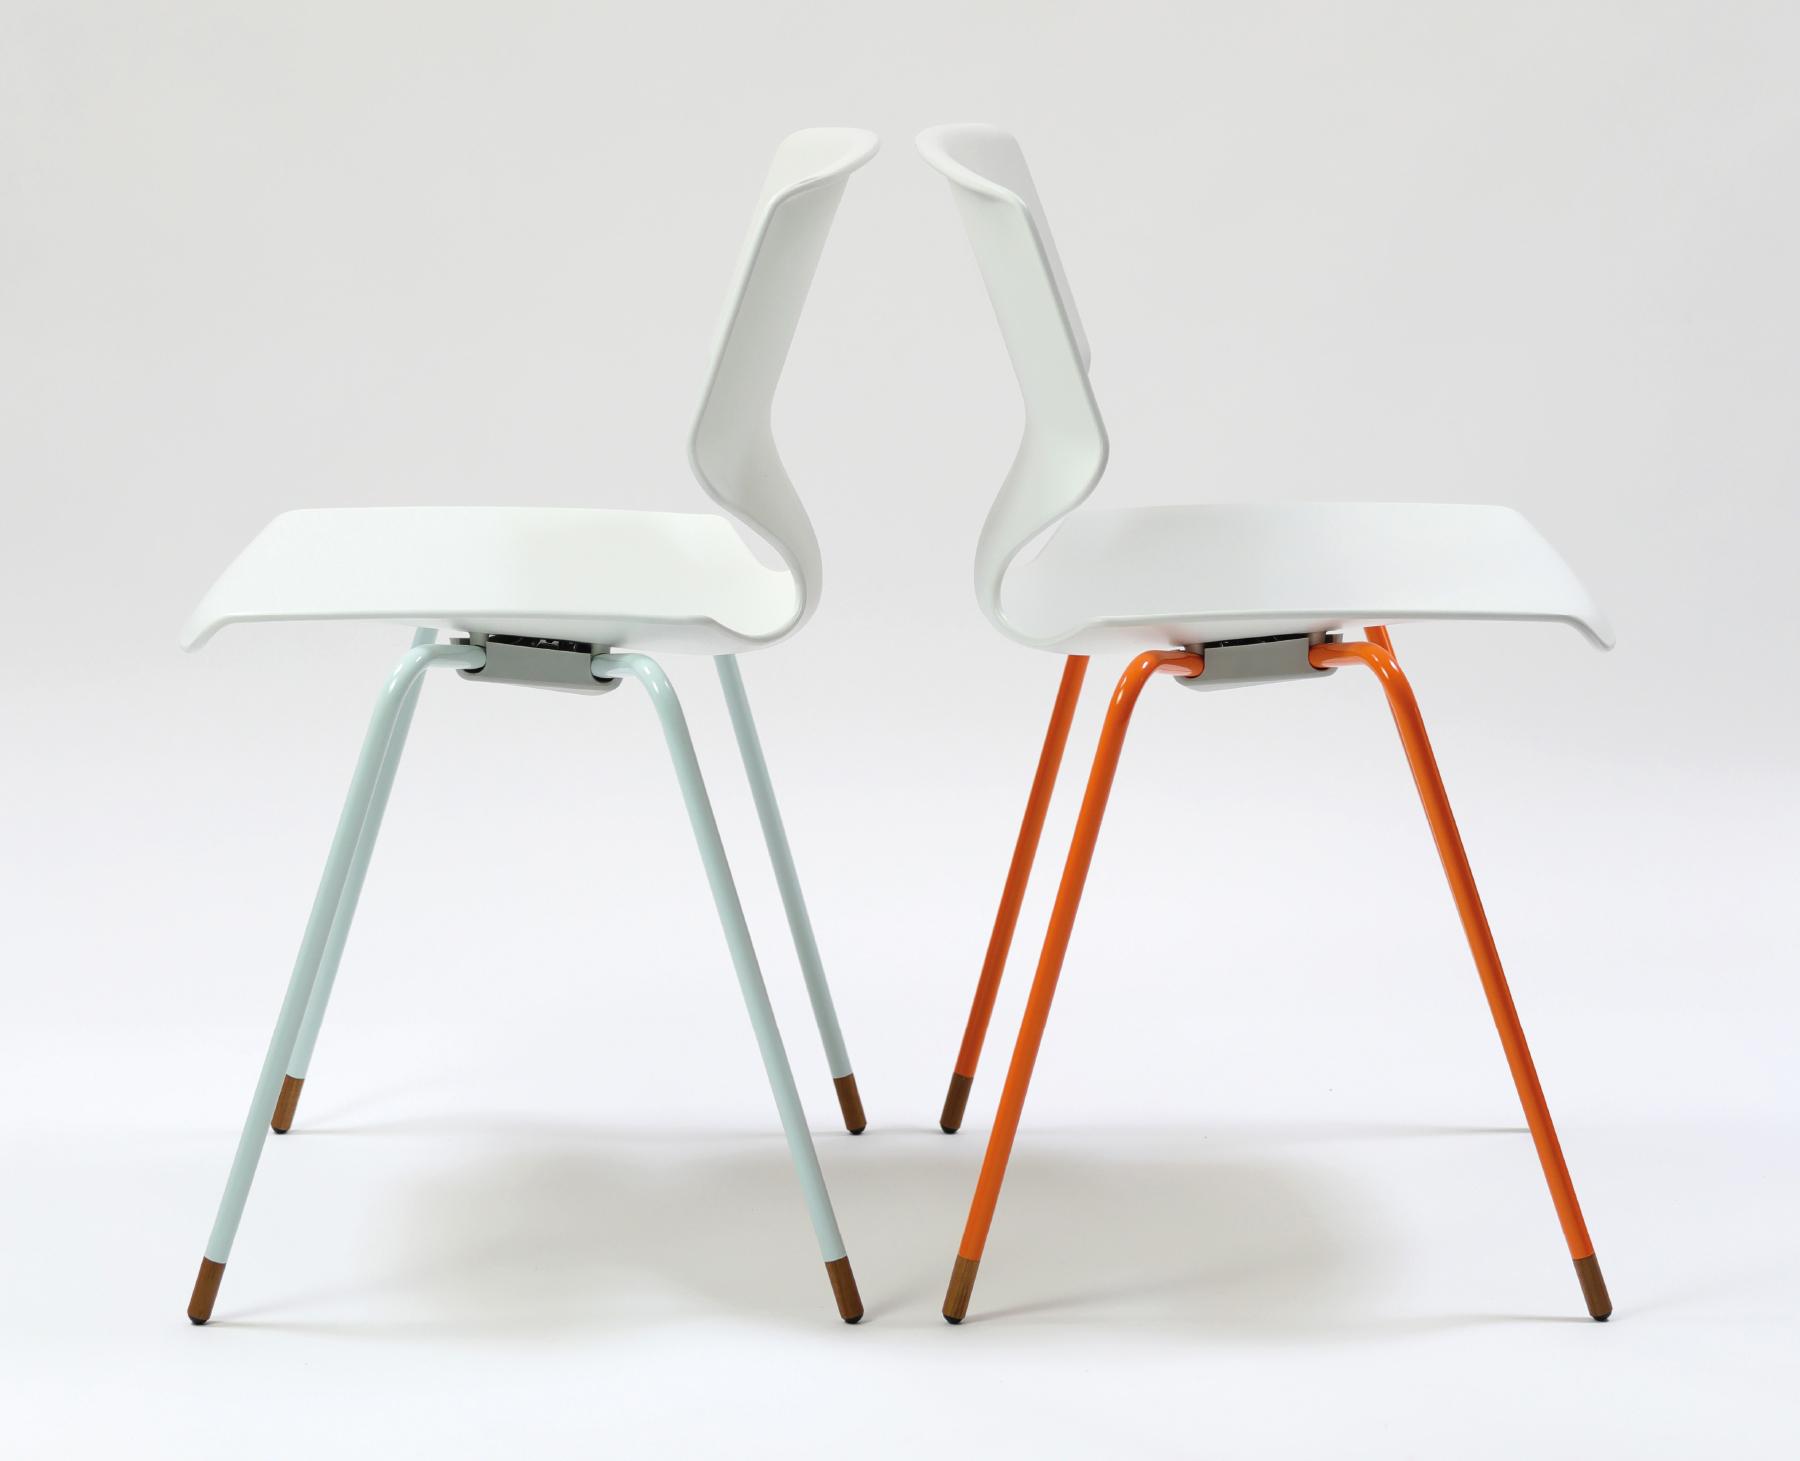 64 Chair